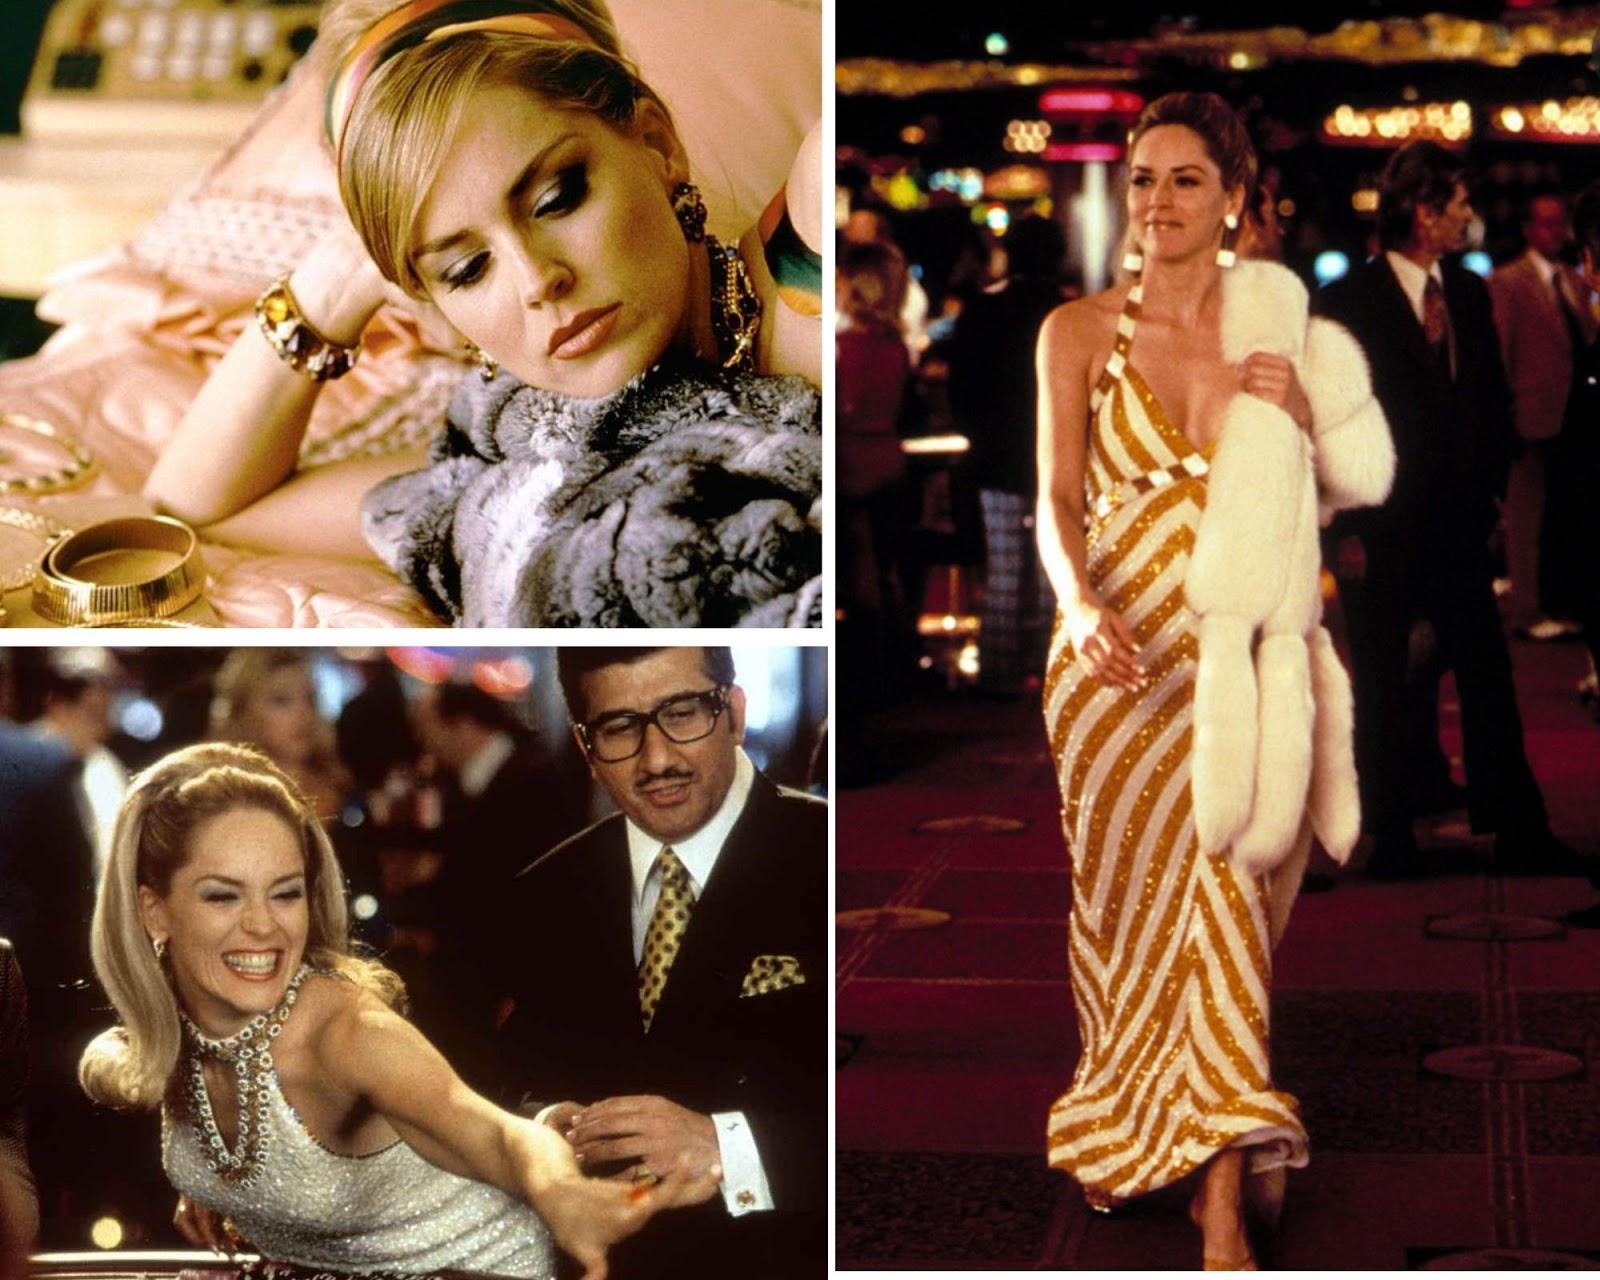 Sharon Stone, Casino (1995)